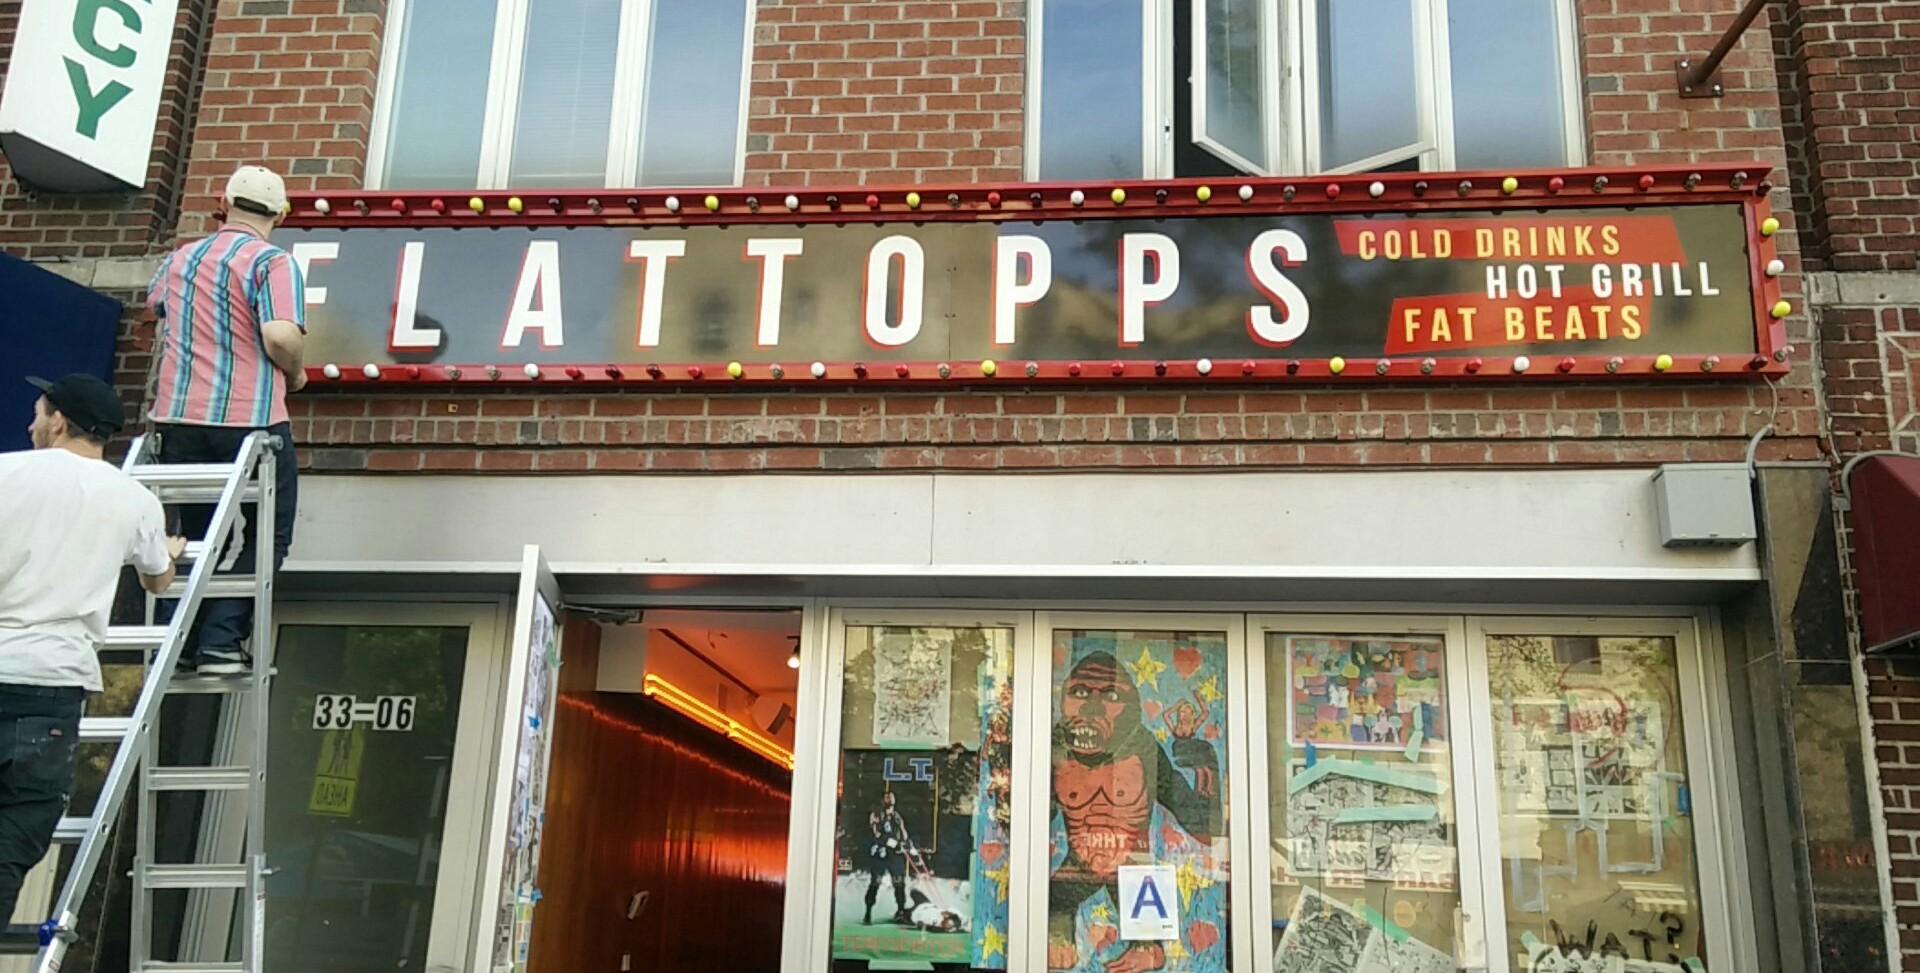 flattopps_storefront.jpg